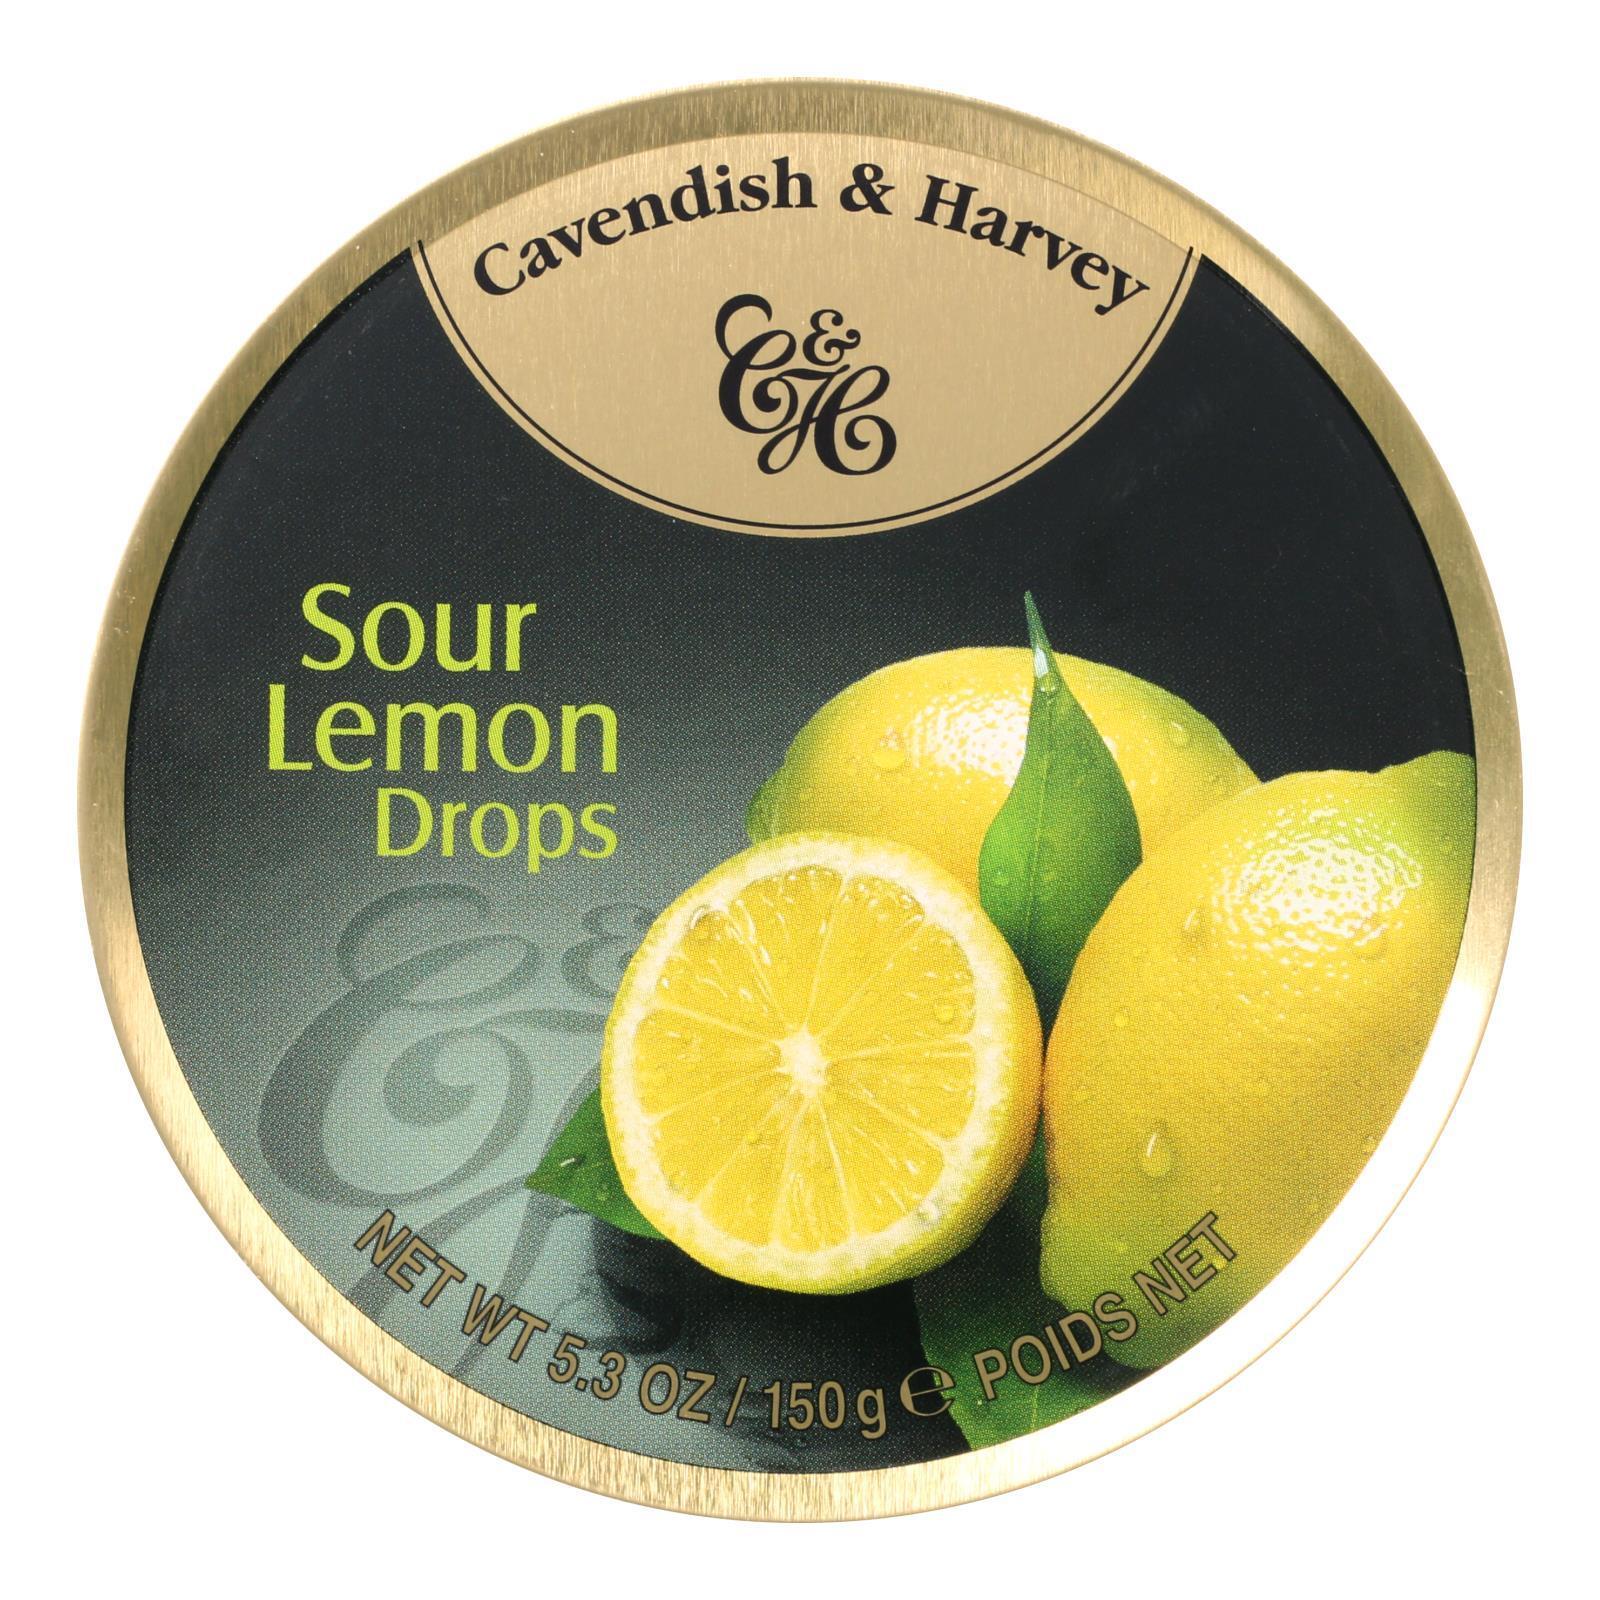 Cavendish and Harvey Fruit Drops Tin - Sour Lemon - 5.3 oz - Case of 12